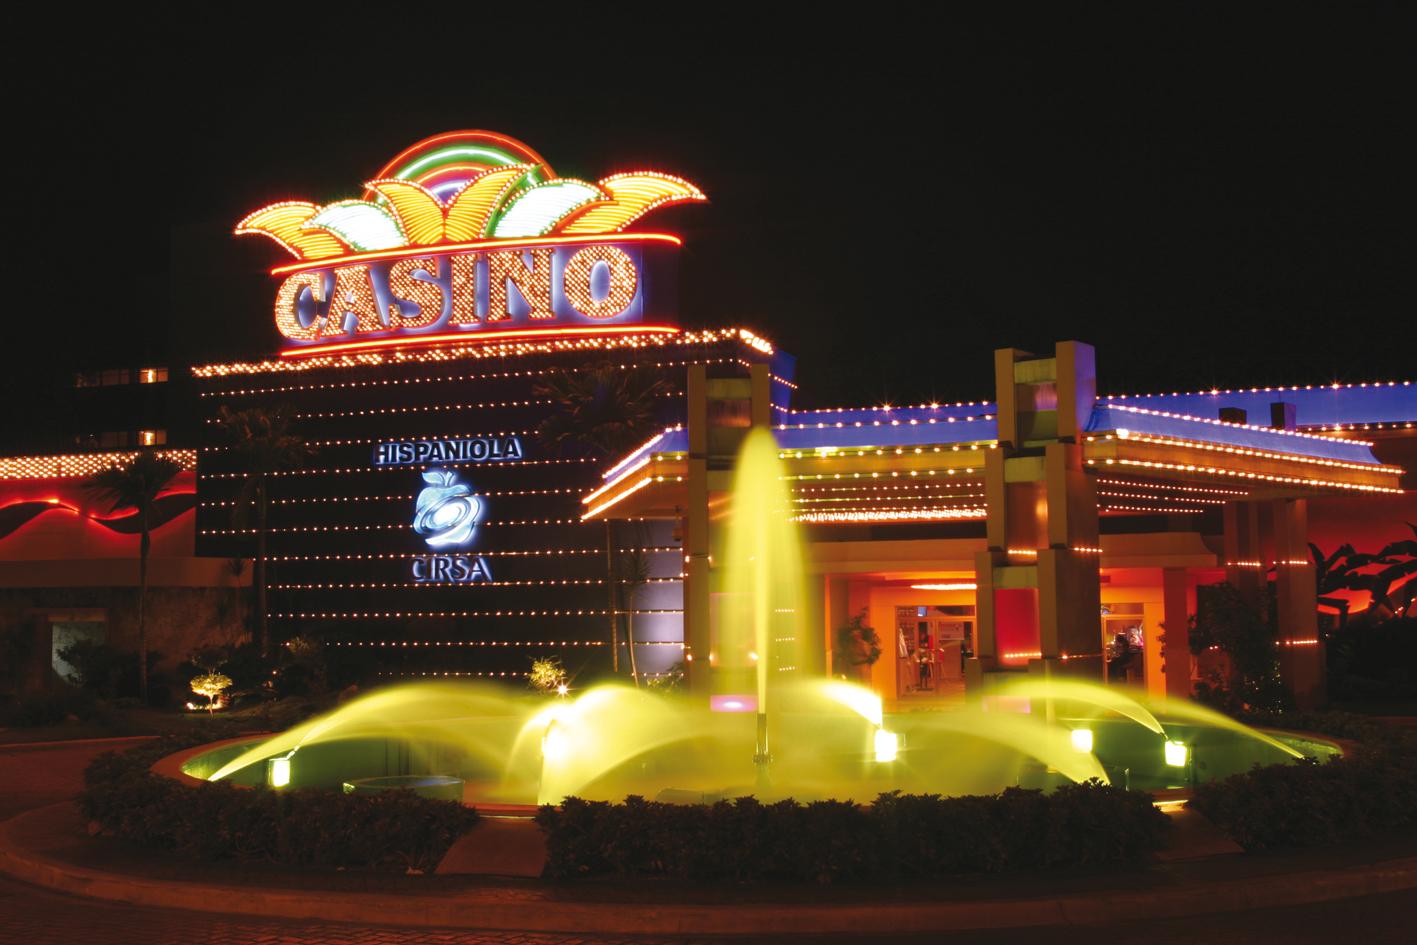 Caribbean Casino Venture